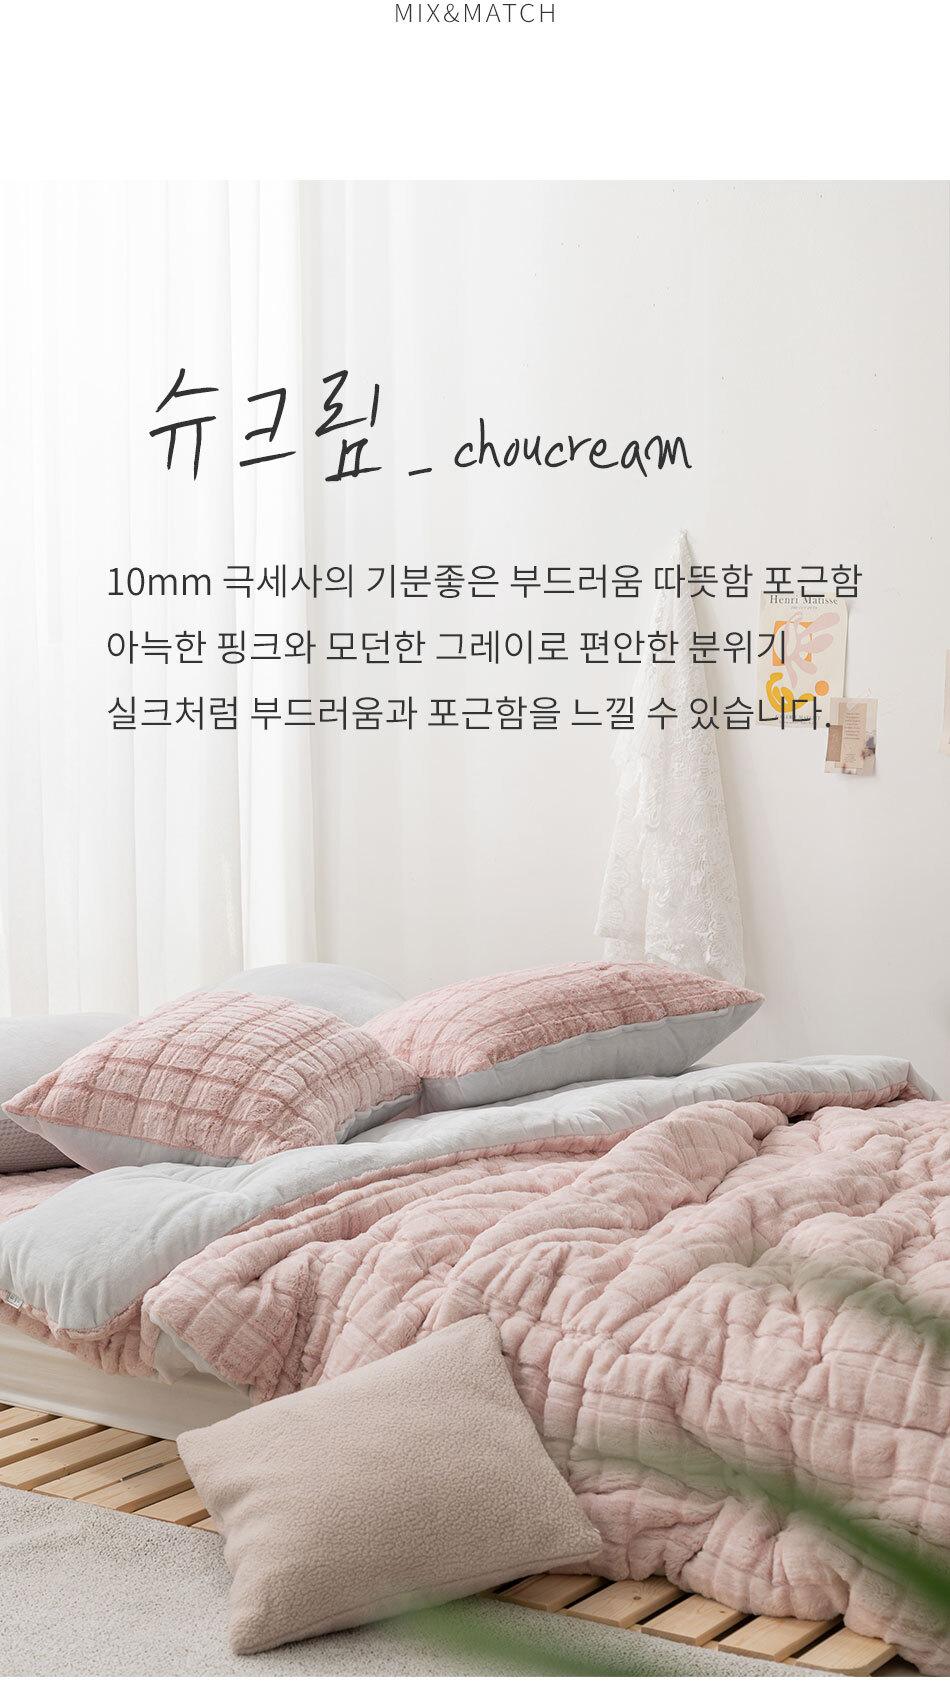 chou_bed_top_02.jpg